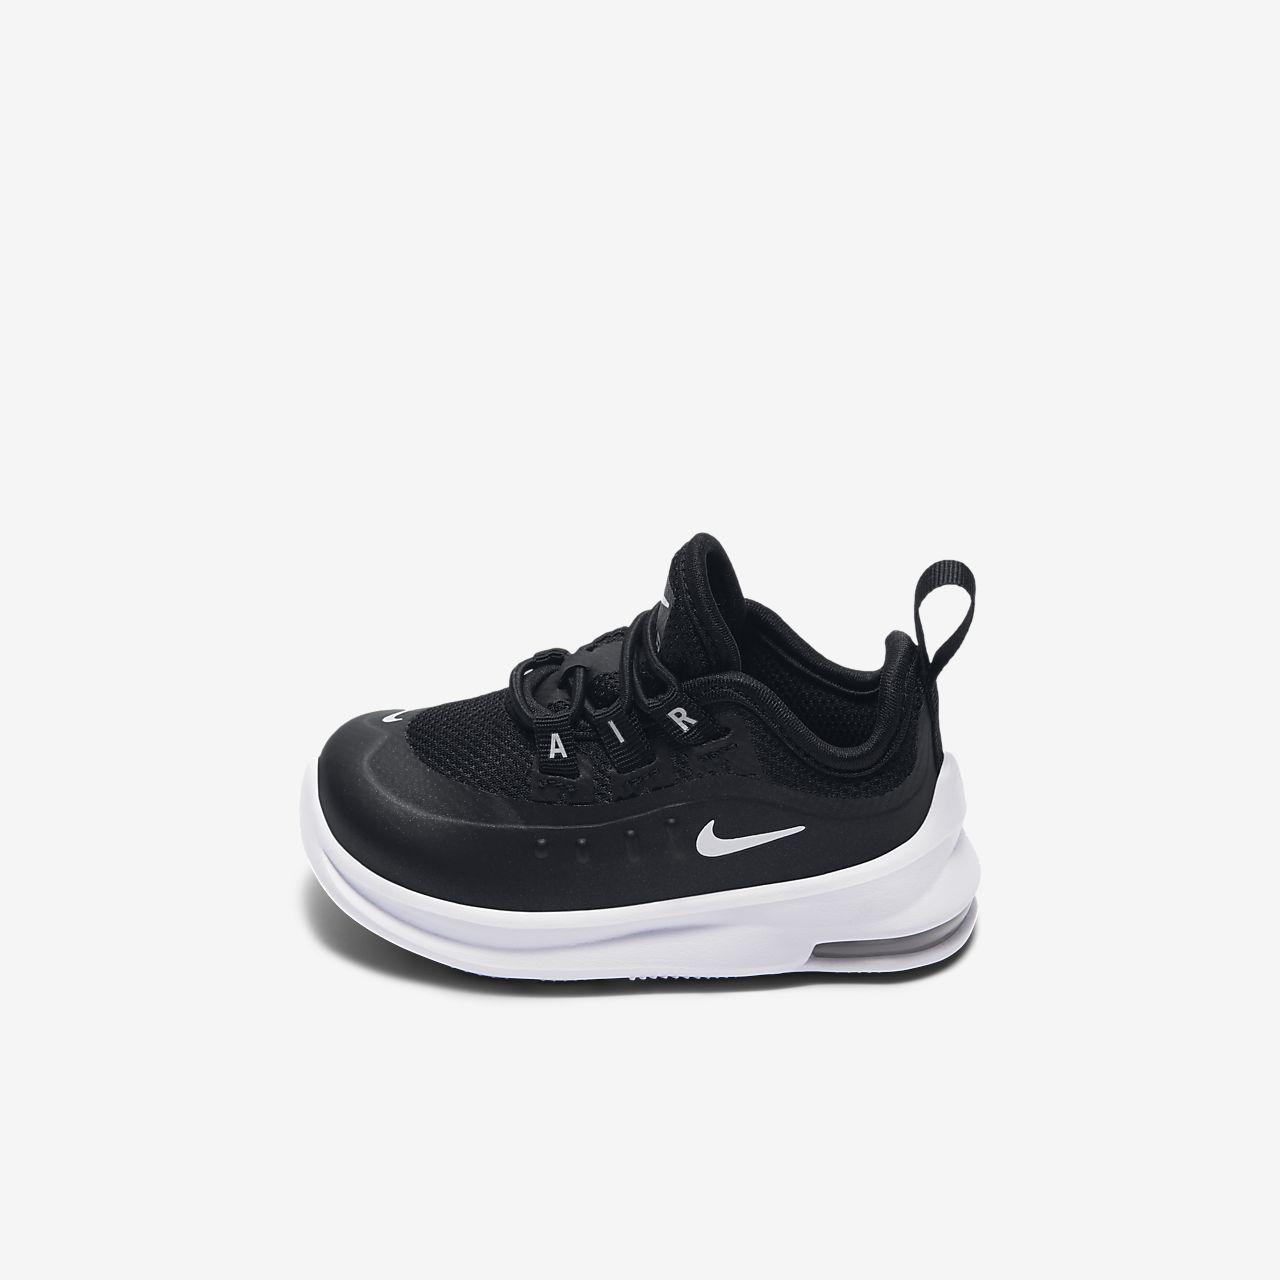 41f34d663713 Chaussure Nike Air Max Axis pour Bébé/Petit enfant. Nike.com MA